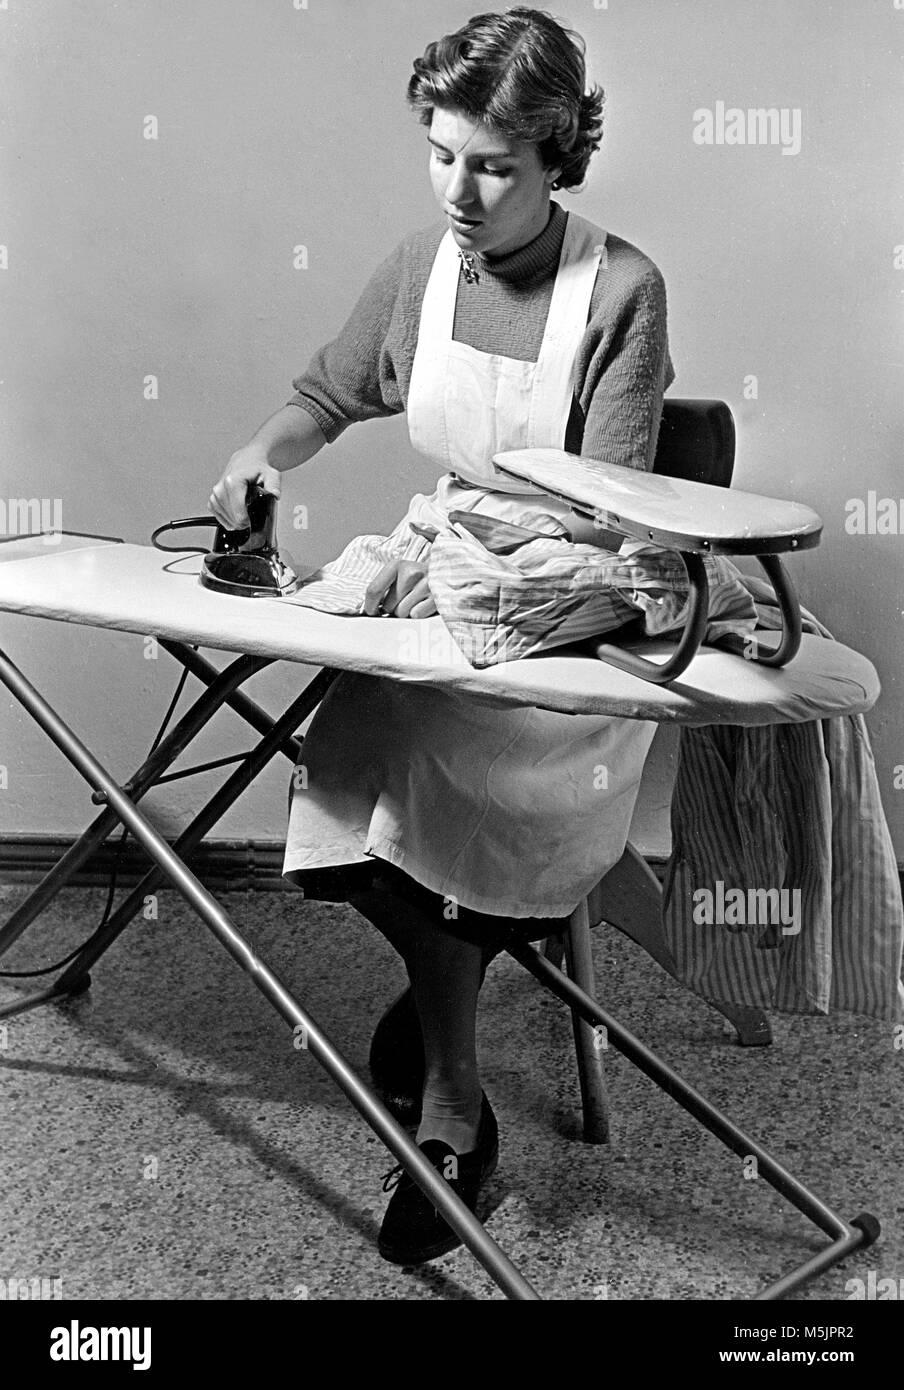 Casalinga a stirare 1950 germania foto immagine stock for Faccende domestiche in inglese